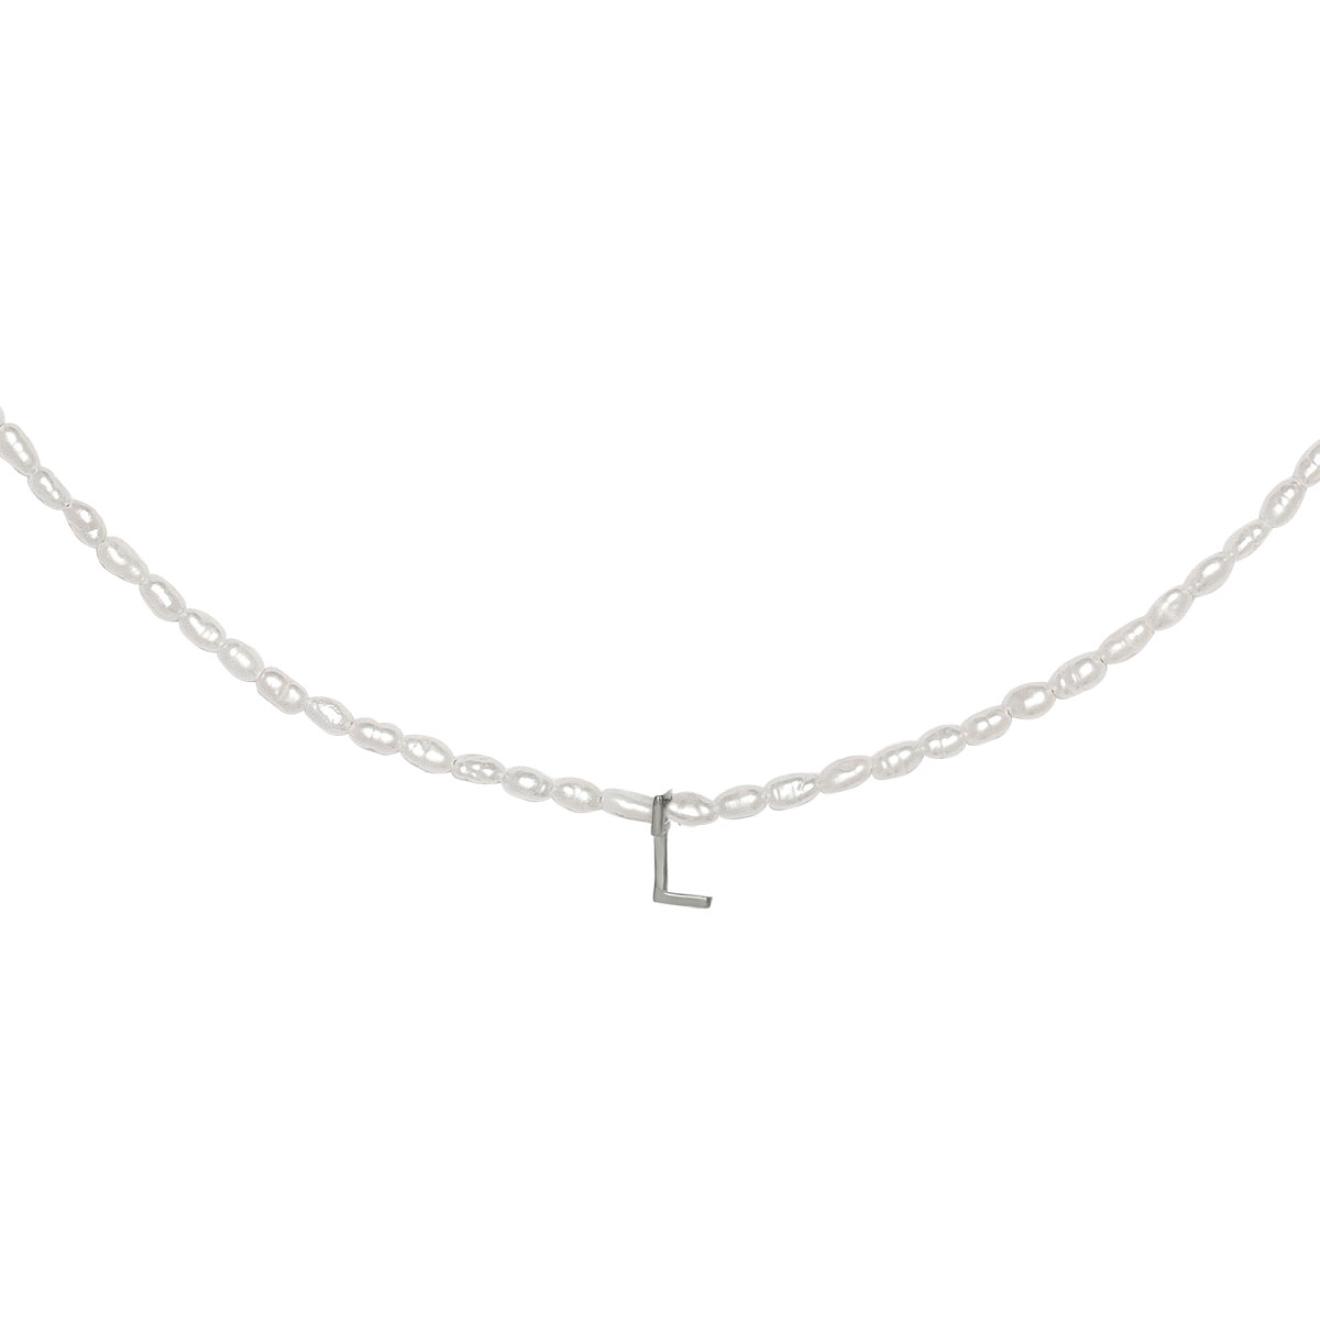 Фото - Ringstone Жемчужное ожерелье из серебра с буквой L ringstone жемчужное ожерелье с буквой s ringstone